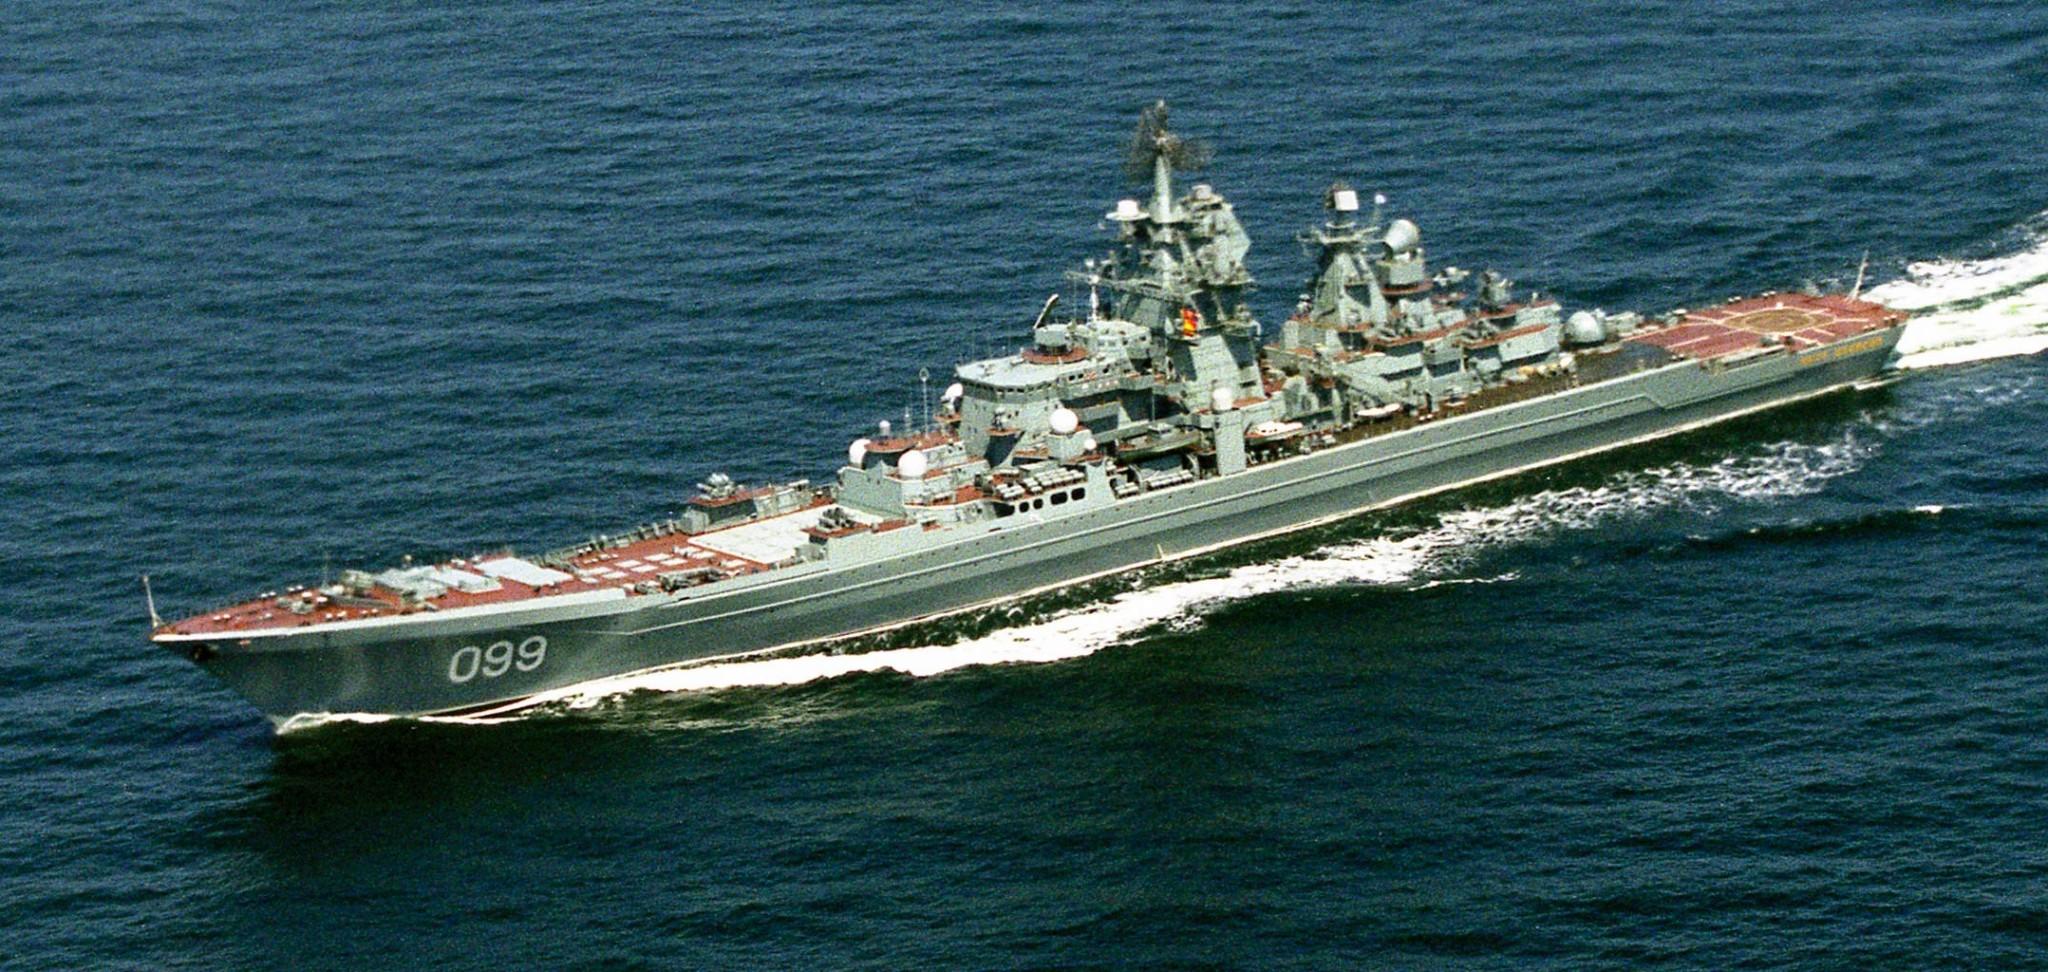 Massiv russisk militærmanøver i norskehavet